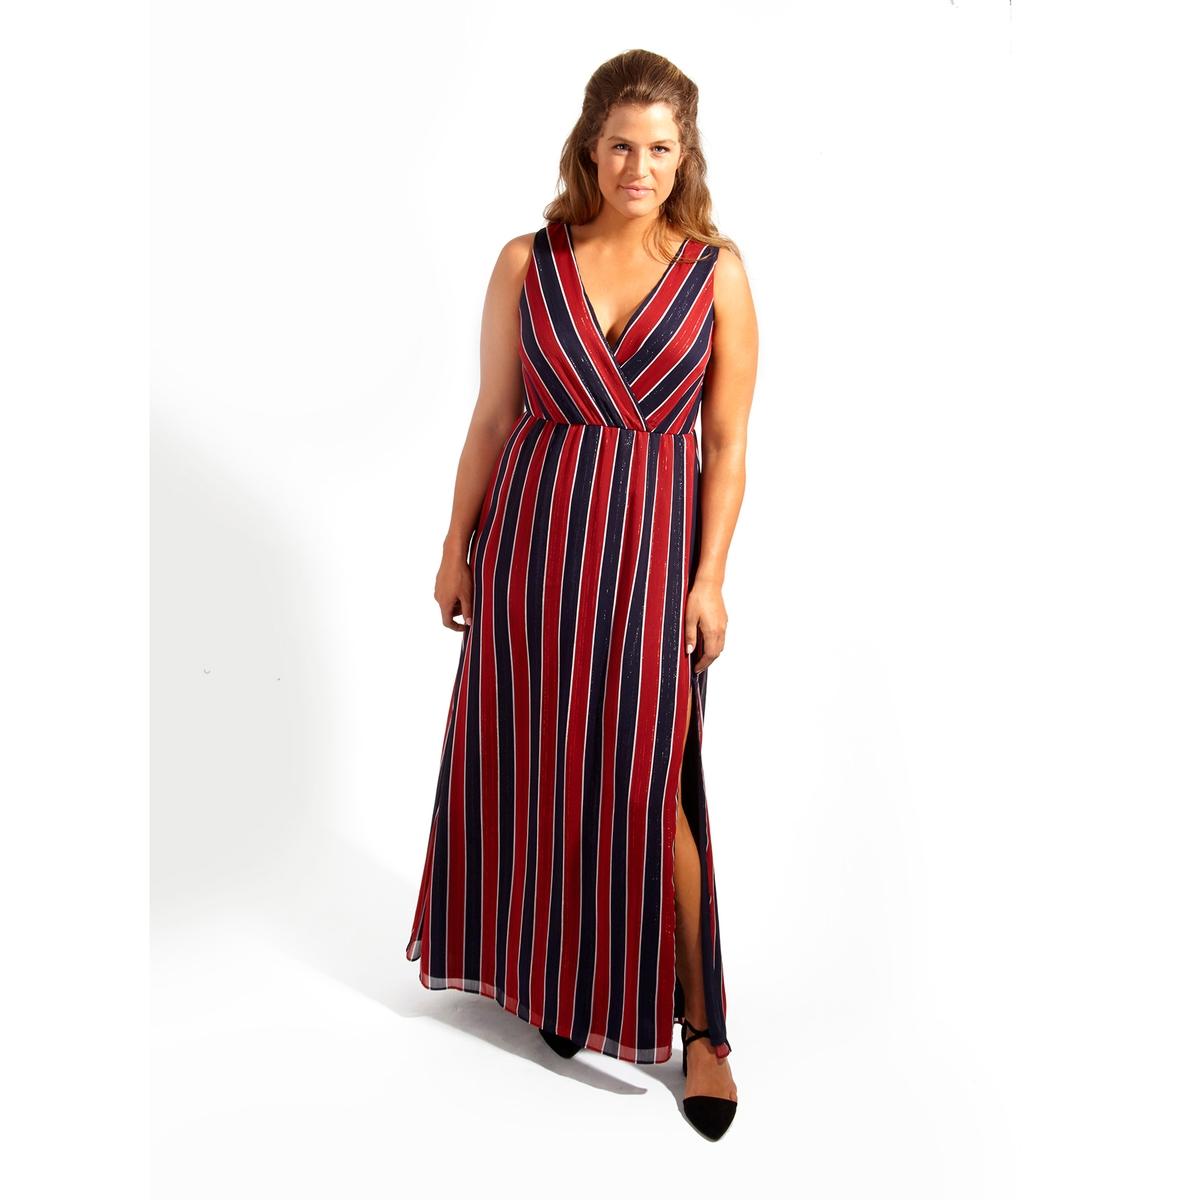 ПлатьеПлатье длинное KOKO BY KOKO. Симпатичное платье макси без рукавов с разрезом до колена . 100% полиэстер<br><br>Цвет: в полоску